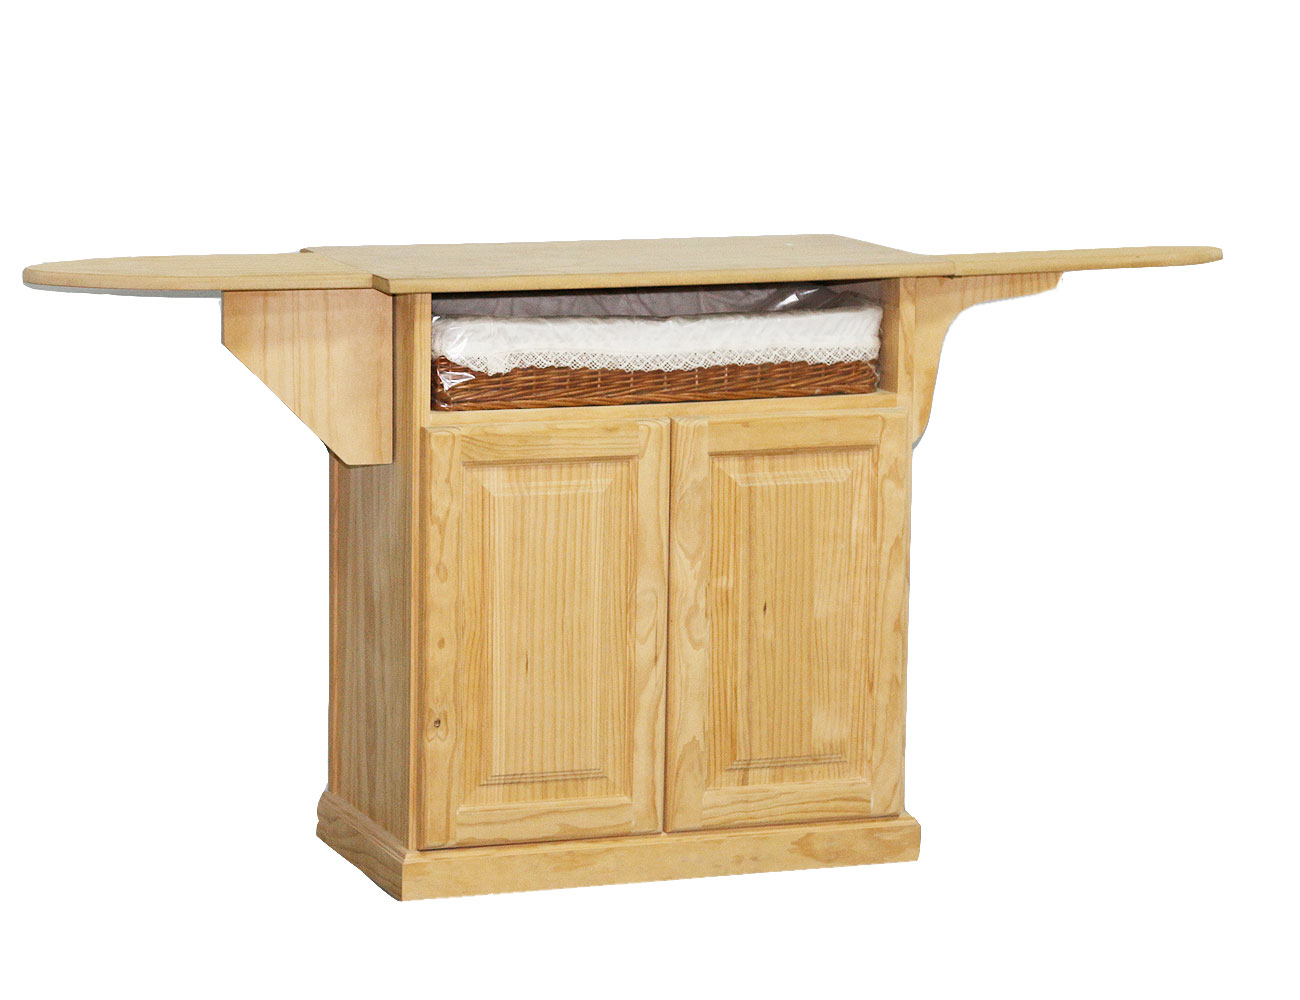 Mueble modular 1 hueco y 1 cesto mimbre en madera 18601 for Tu factory del mueble